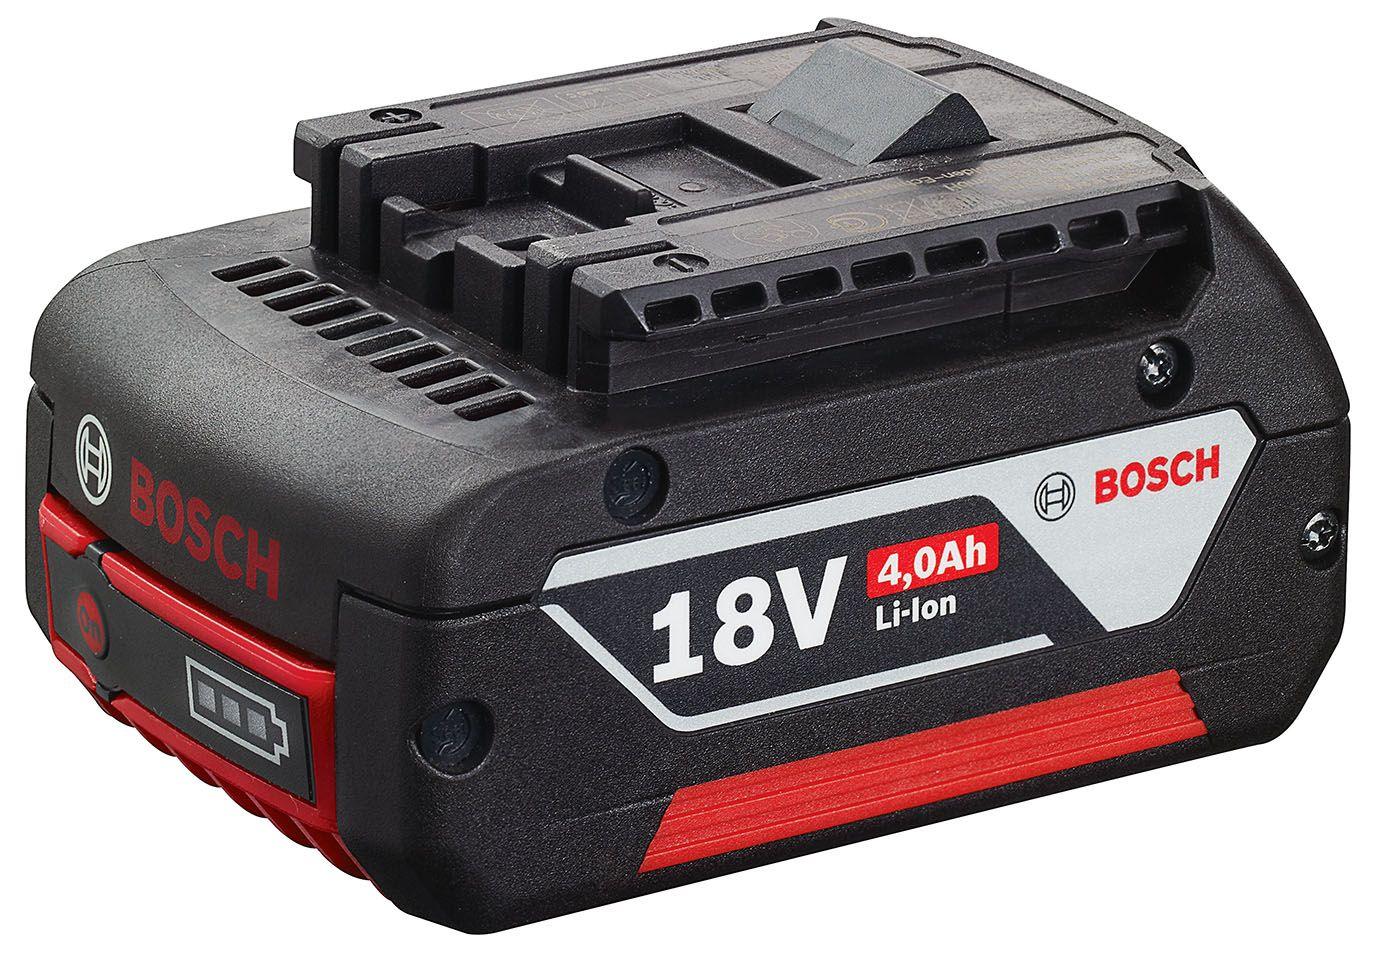 ボッシュ リチウムイオンバッテリー 18V・4.0AH (A1840LIB) 電動工具用バッテリー ボッシュ バッテリ 電動工具